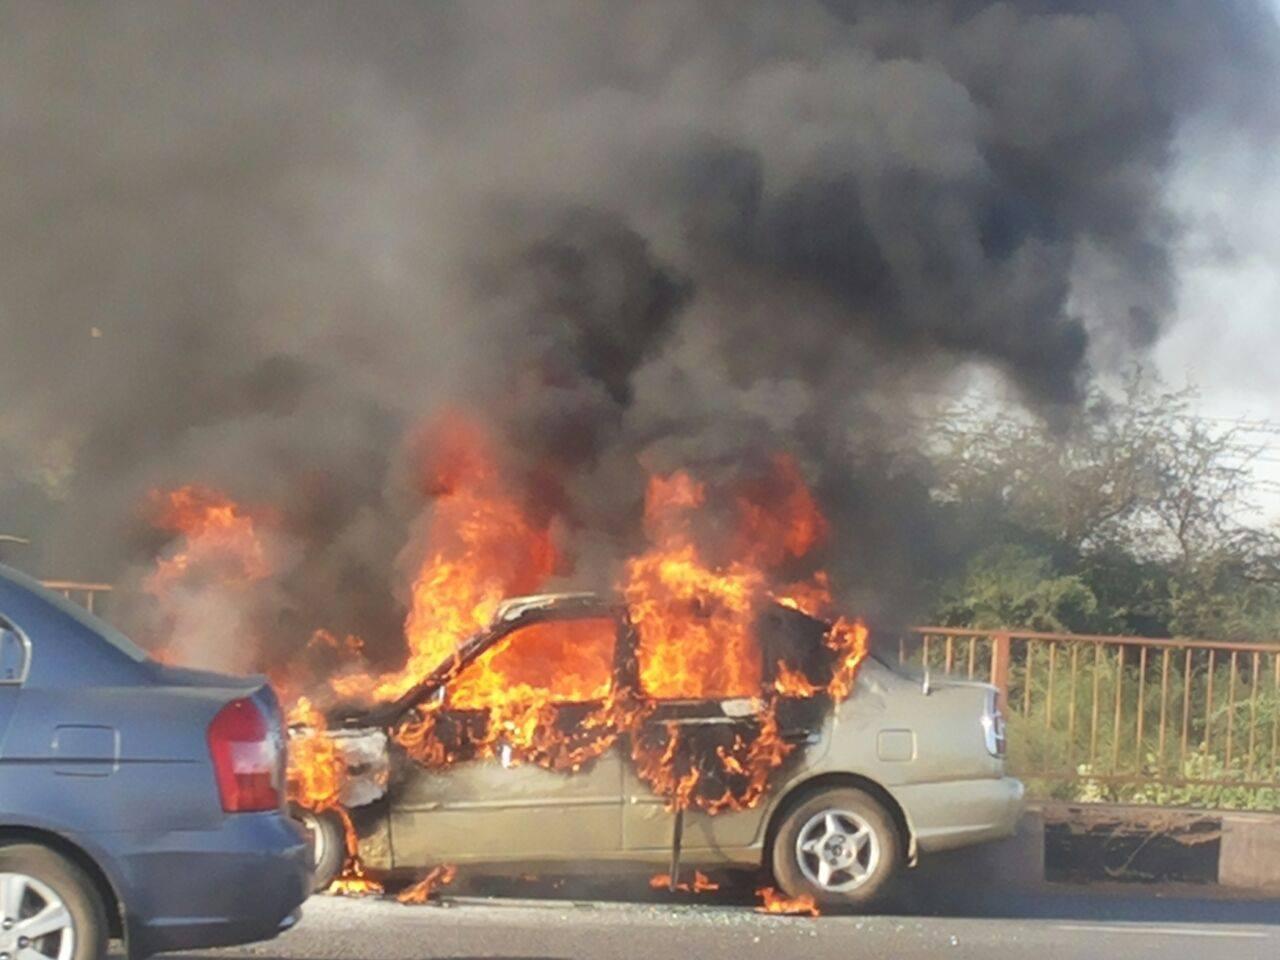 بالصور.. تعطل حركة المرور في كوبري شمبات بسبب إحتراق عربة موظف شركة زين